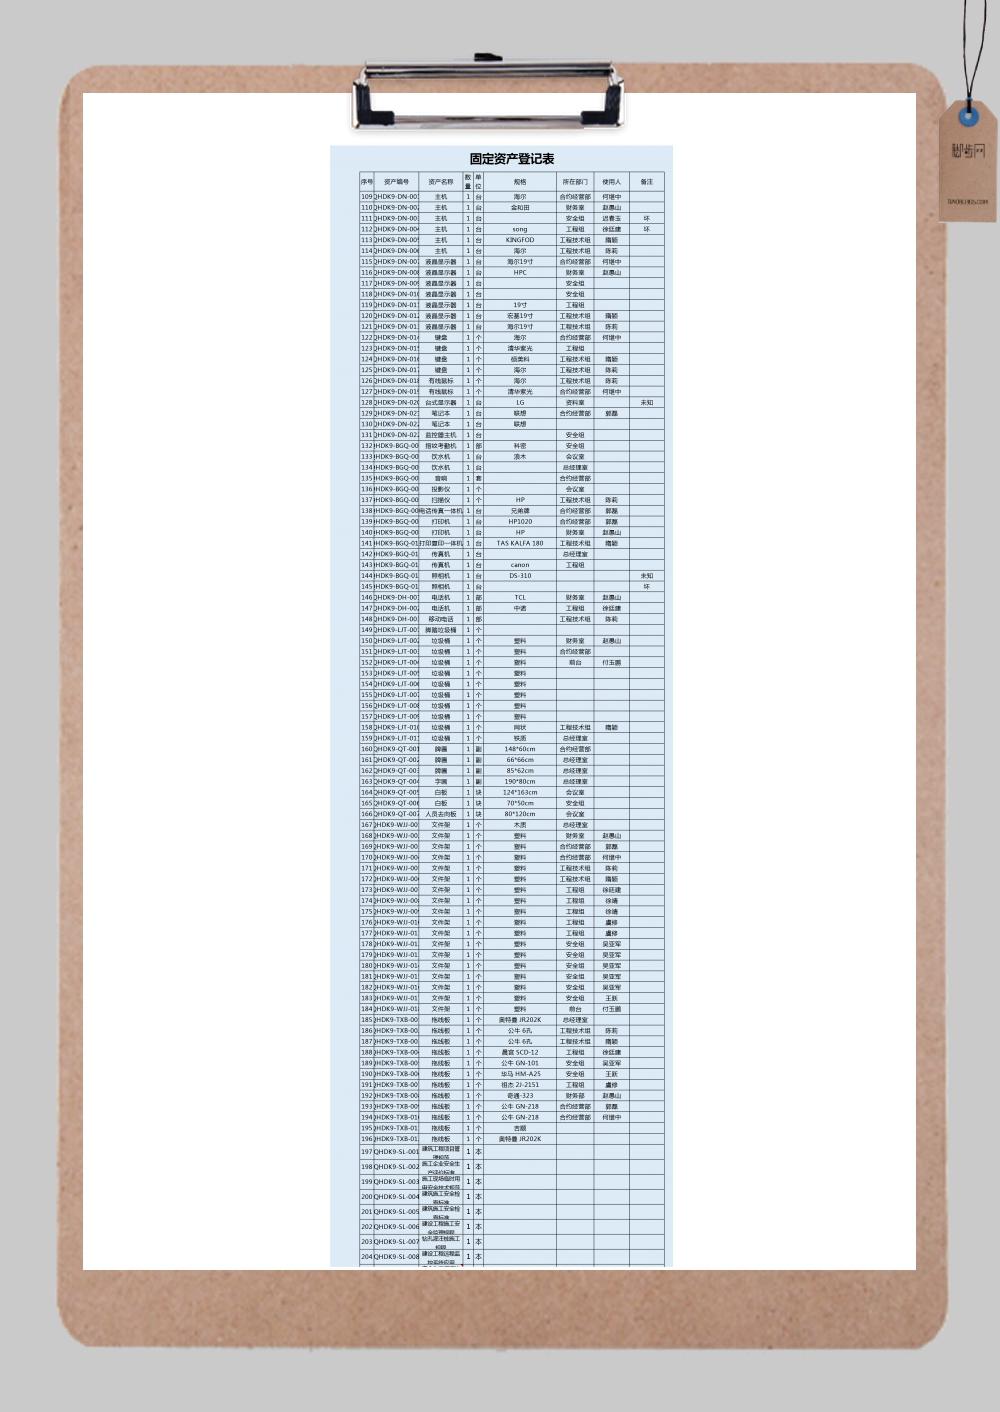 固定资产登记表excel模板